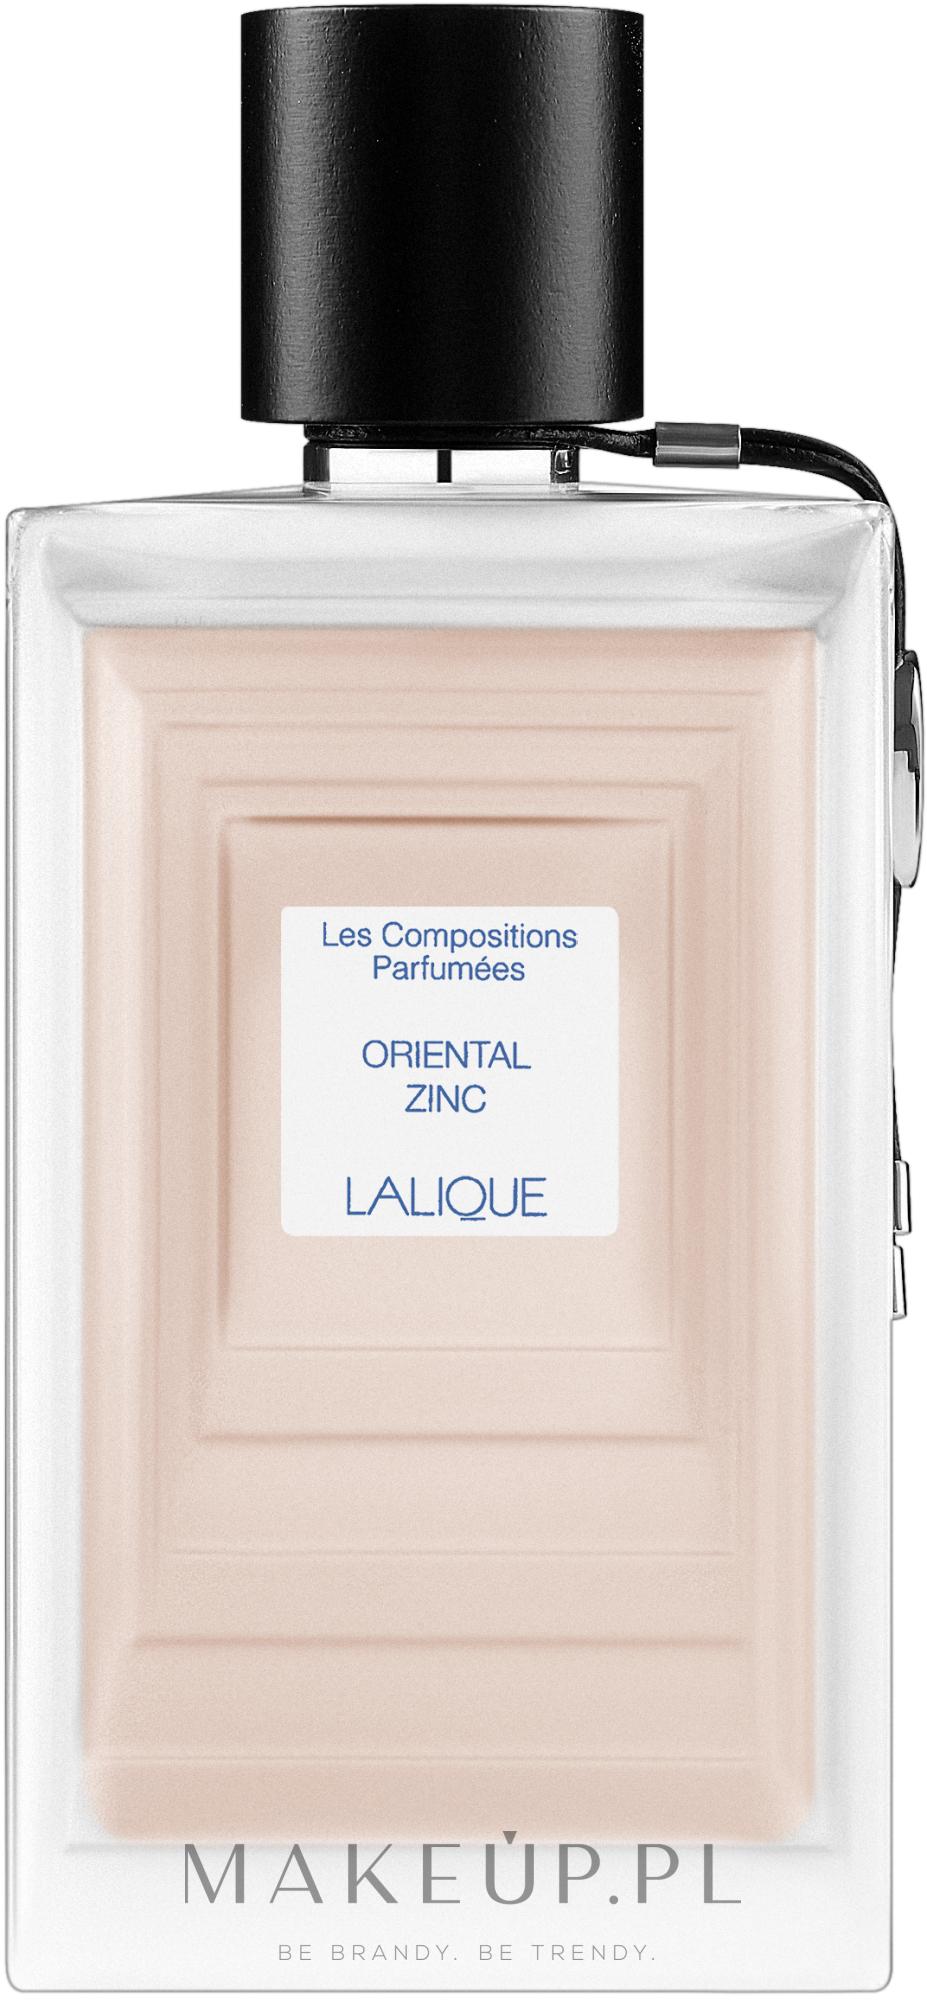 lalique les compositions parfumees - oriental zinc